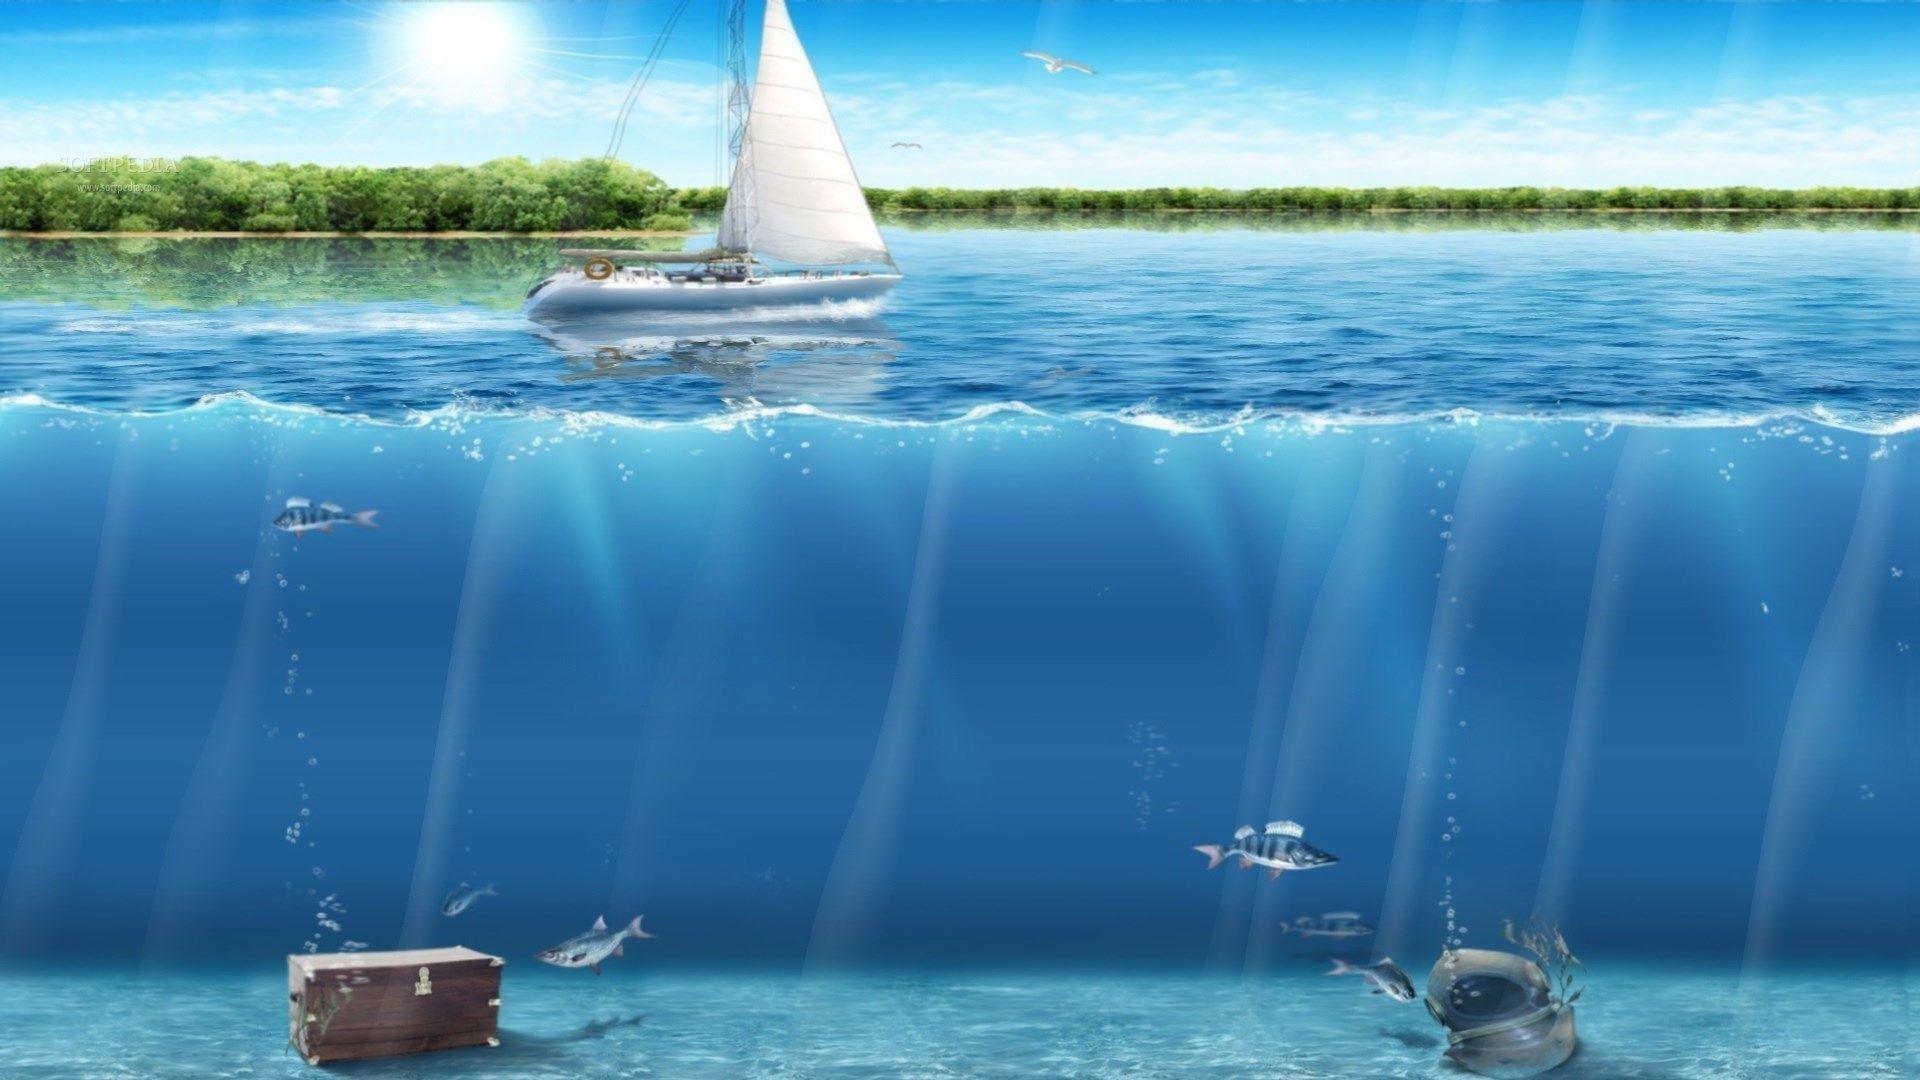 ocean themed wallpaper for desktops | ololoshenka | pinterest | ocean